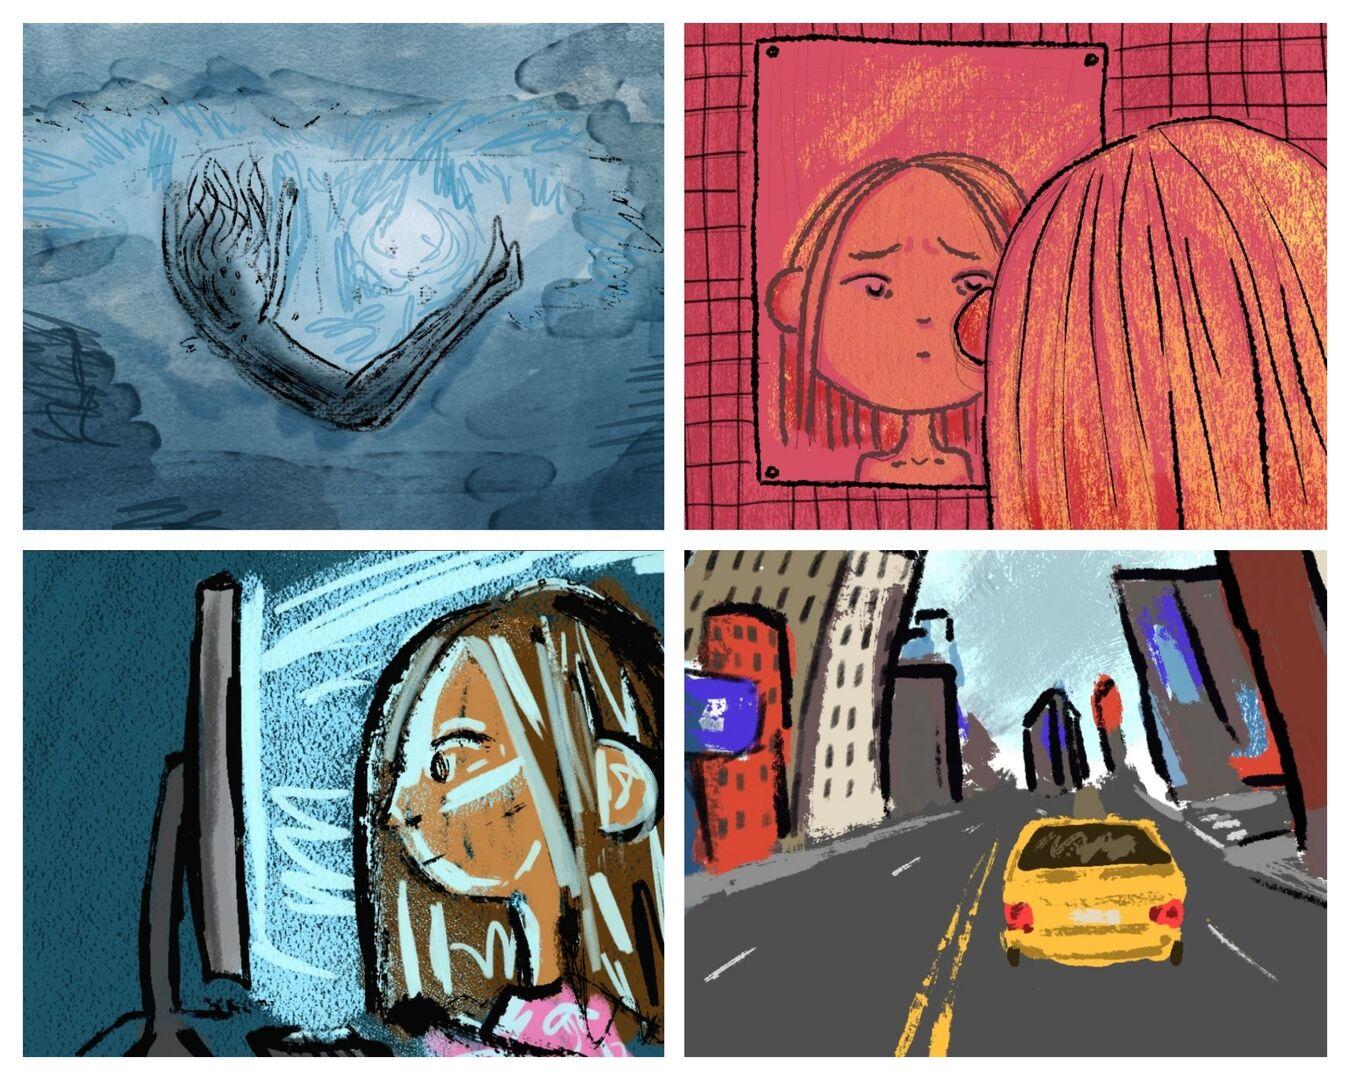 Work by Emma Kay Smith